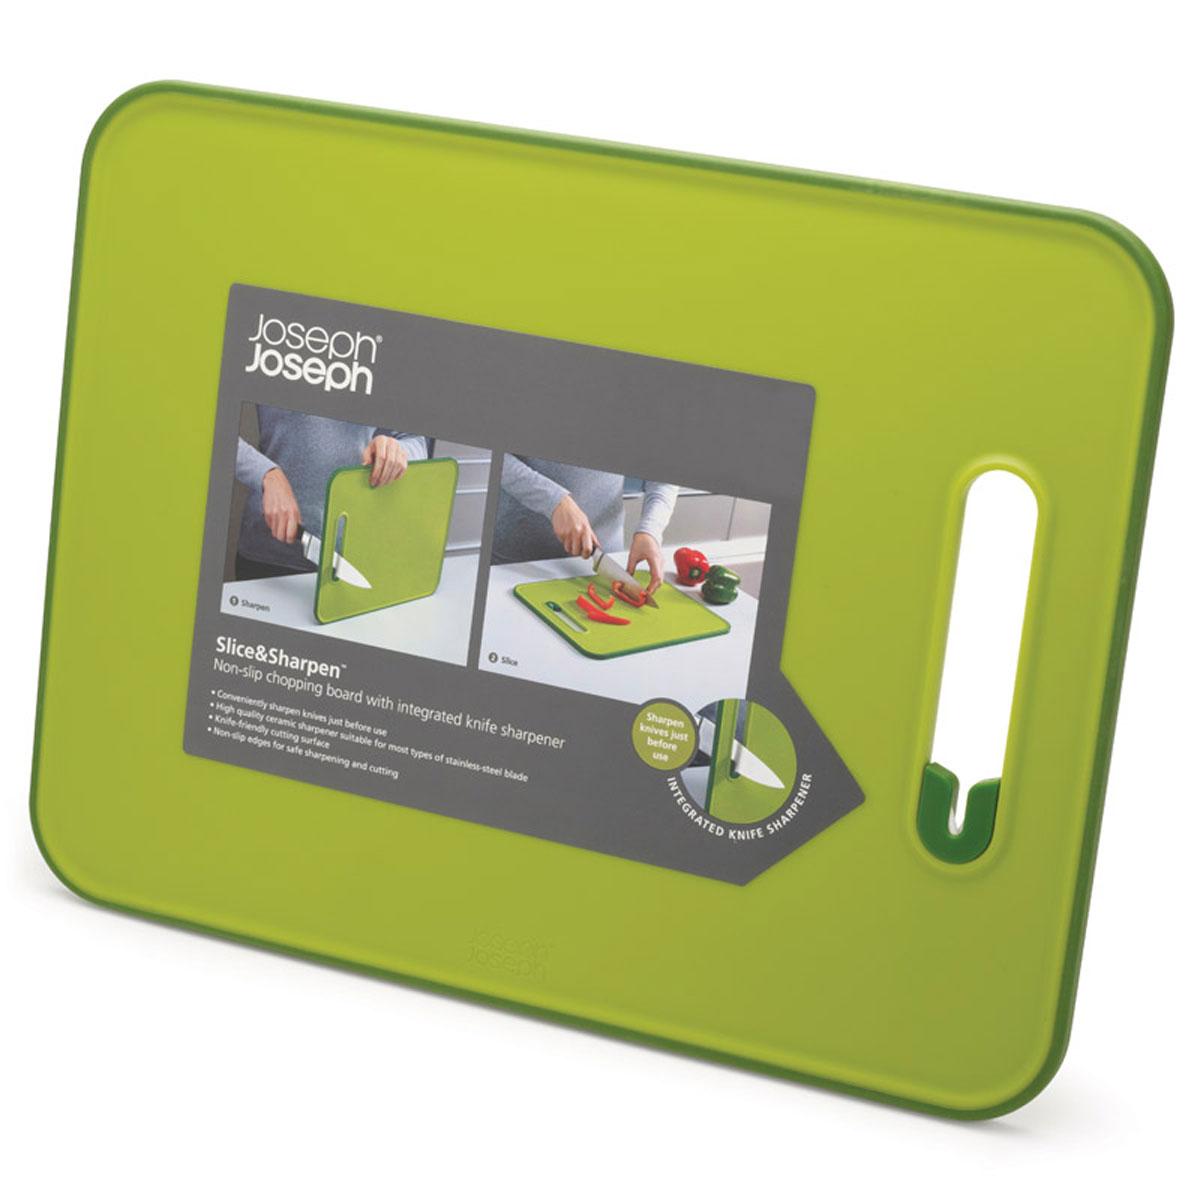 Доска разделочная Joseph Joseph Slice & Sharpen, с ножеточкой, цвет: зеленый, 29 х 22 х 1 см доска разделочная martika цвет зеленый 32 х 20 х 2 см 3 шт